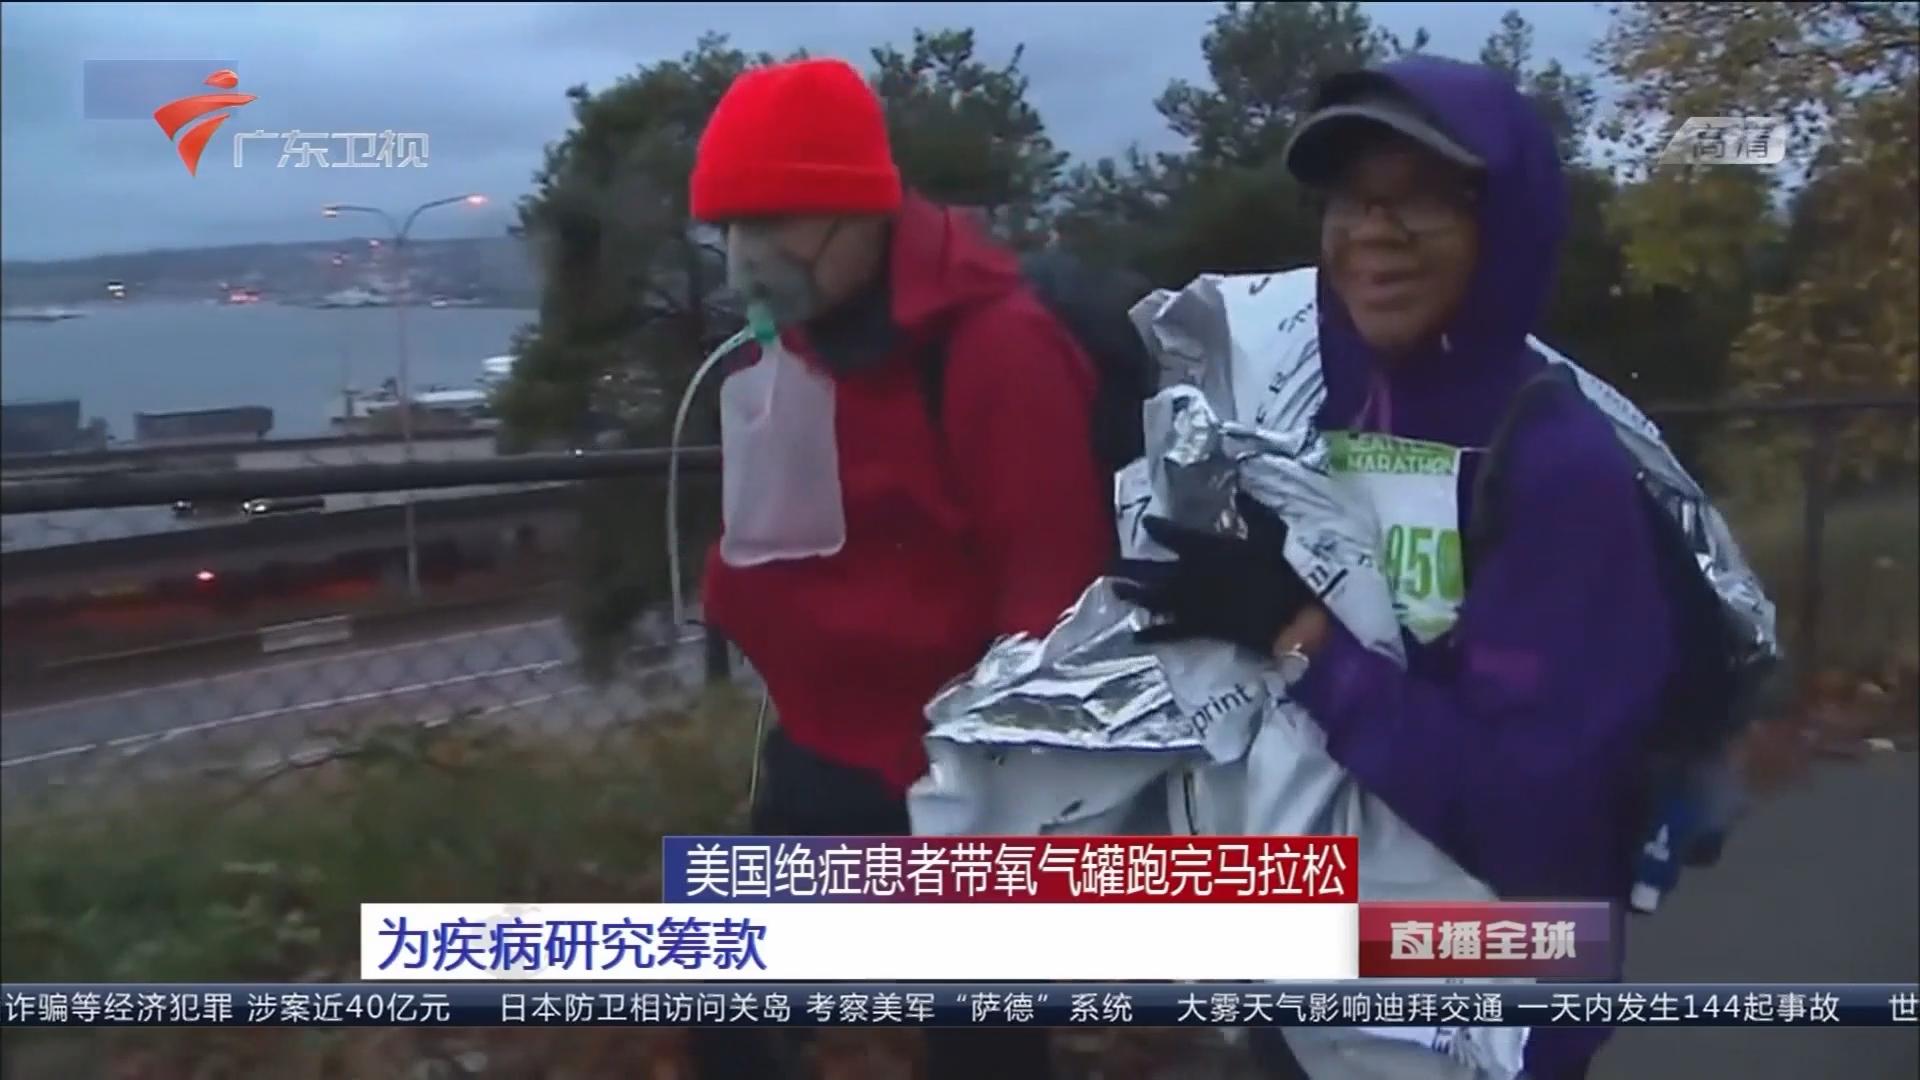 美国绝症患者带氧气罐跑完马拉松:为疾病研究筹款